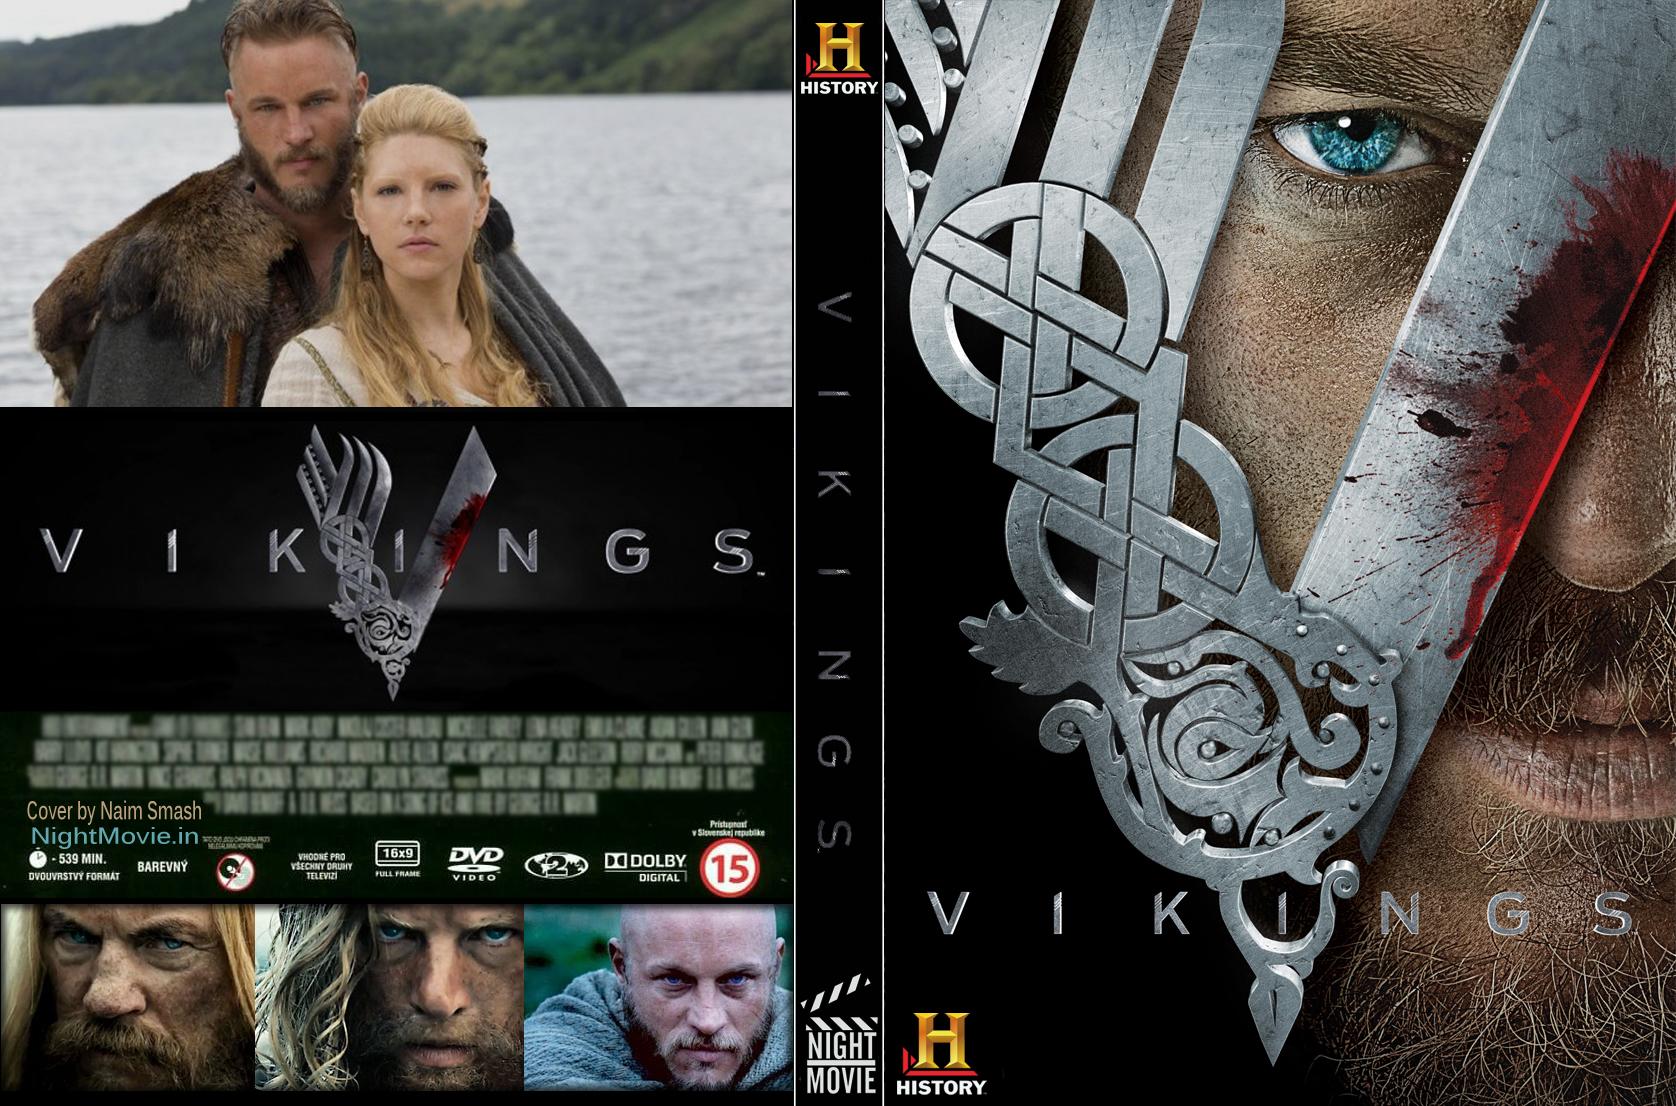 Viking saison 5 streaming, la recherche Google des fanas de l'Europe médiévale